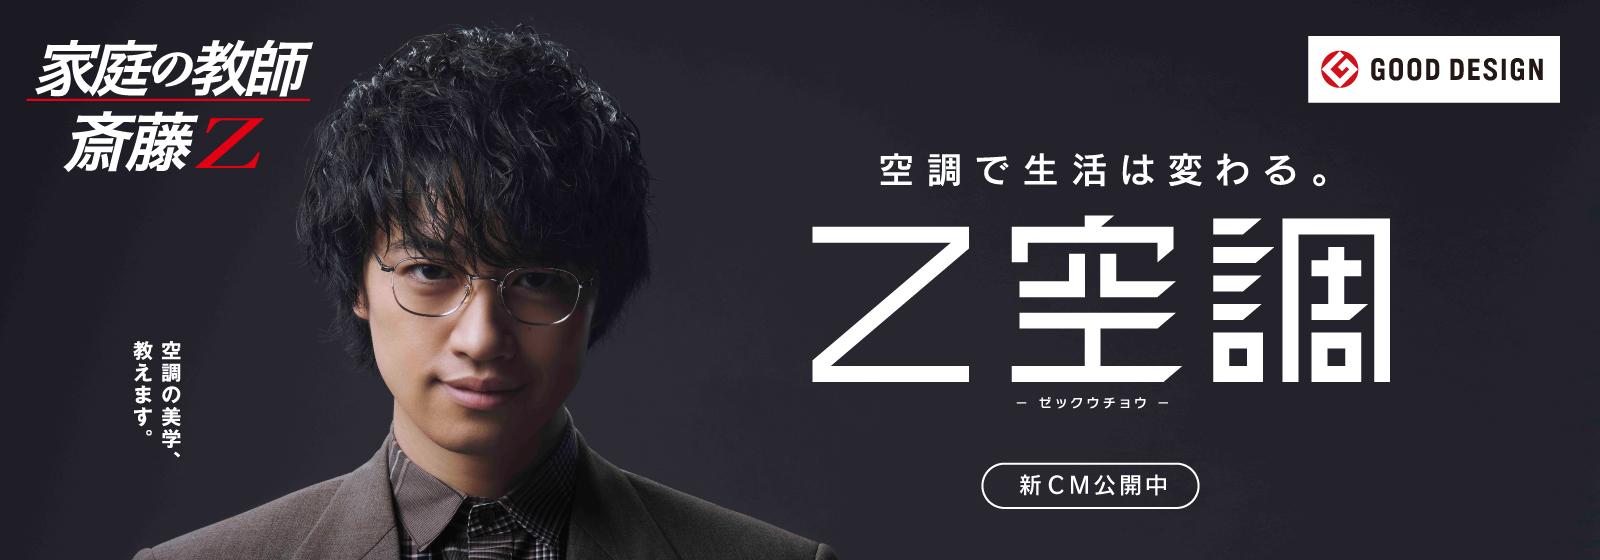 Z空調スペシャルサイト